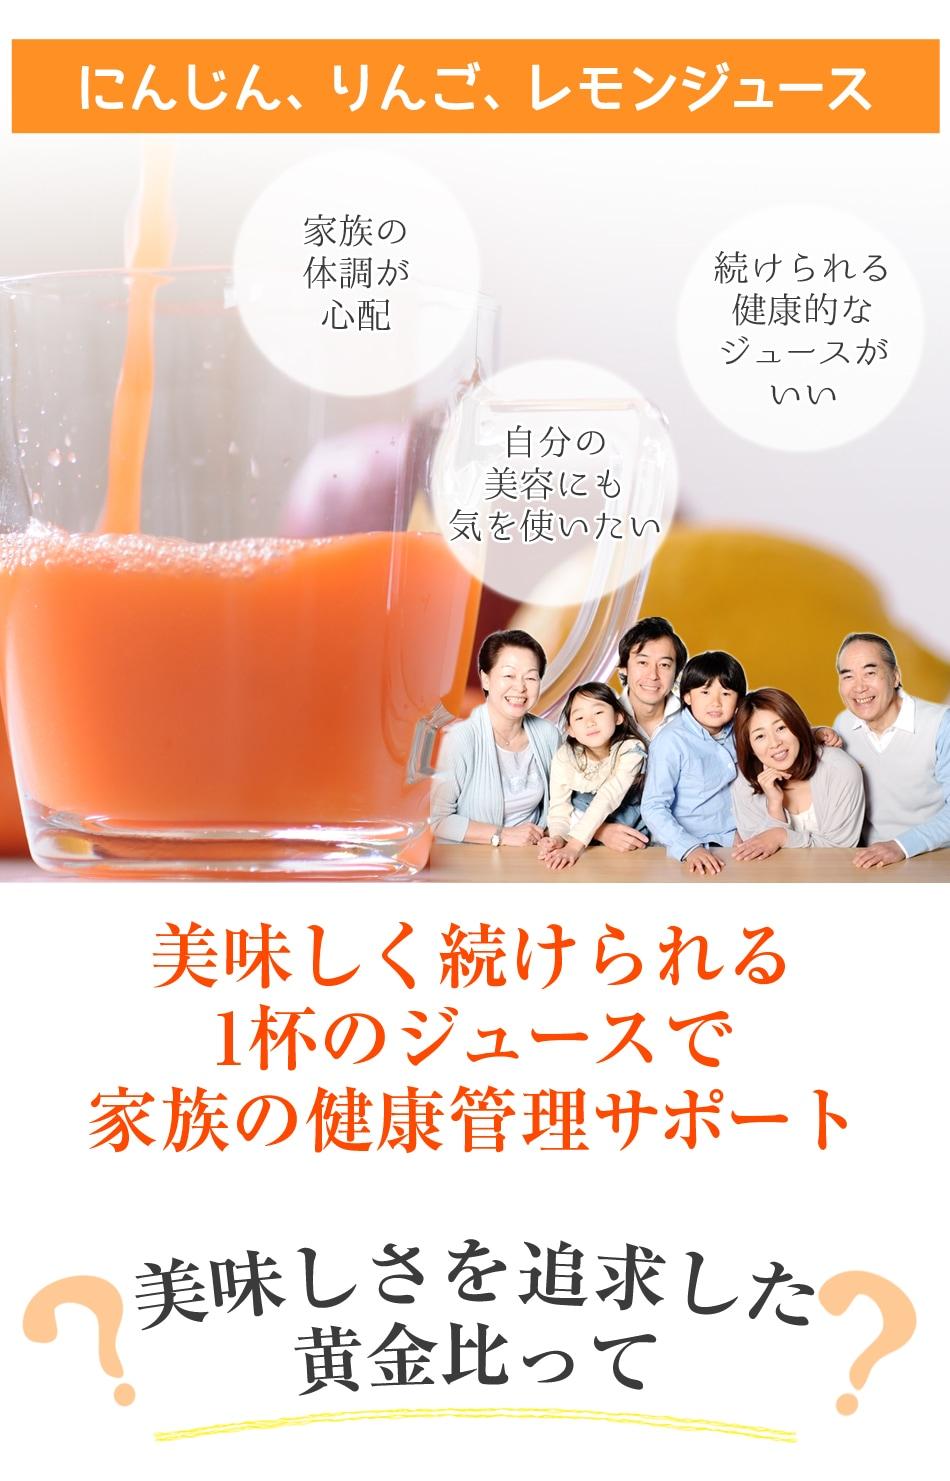 家族の体調が心配、自分の美容にも気を使いたい、続けられる健康的なジュースがいい という方にオススメな にんじんりんごレモンジュース